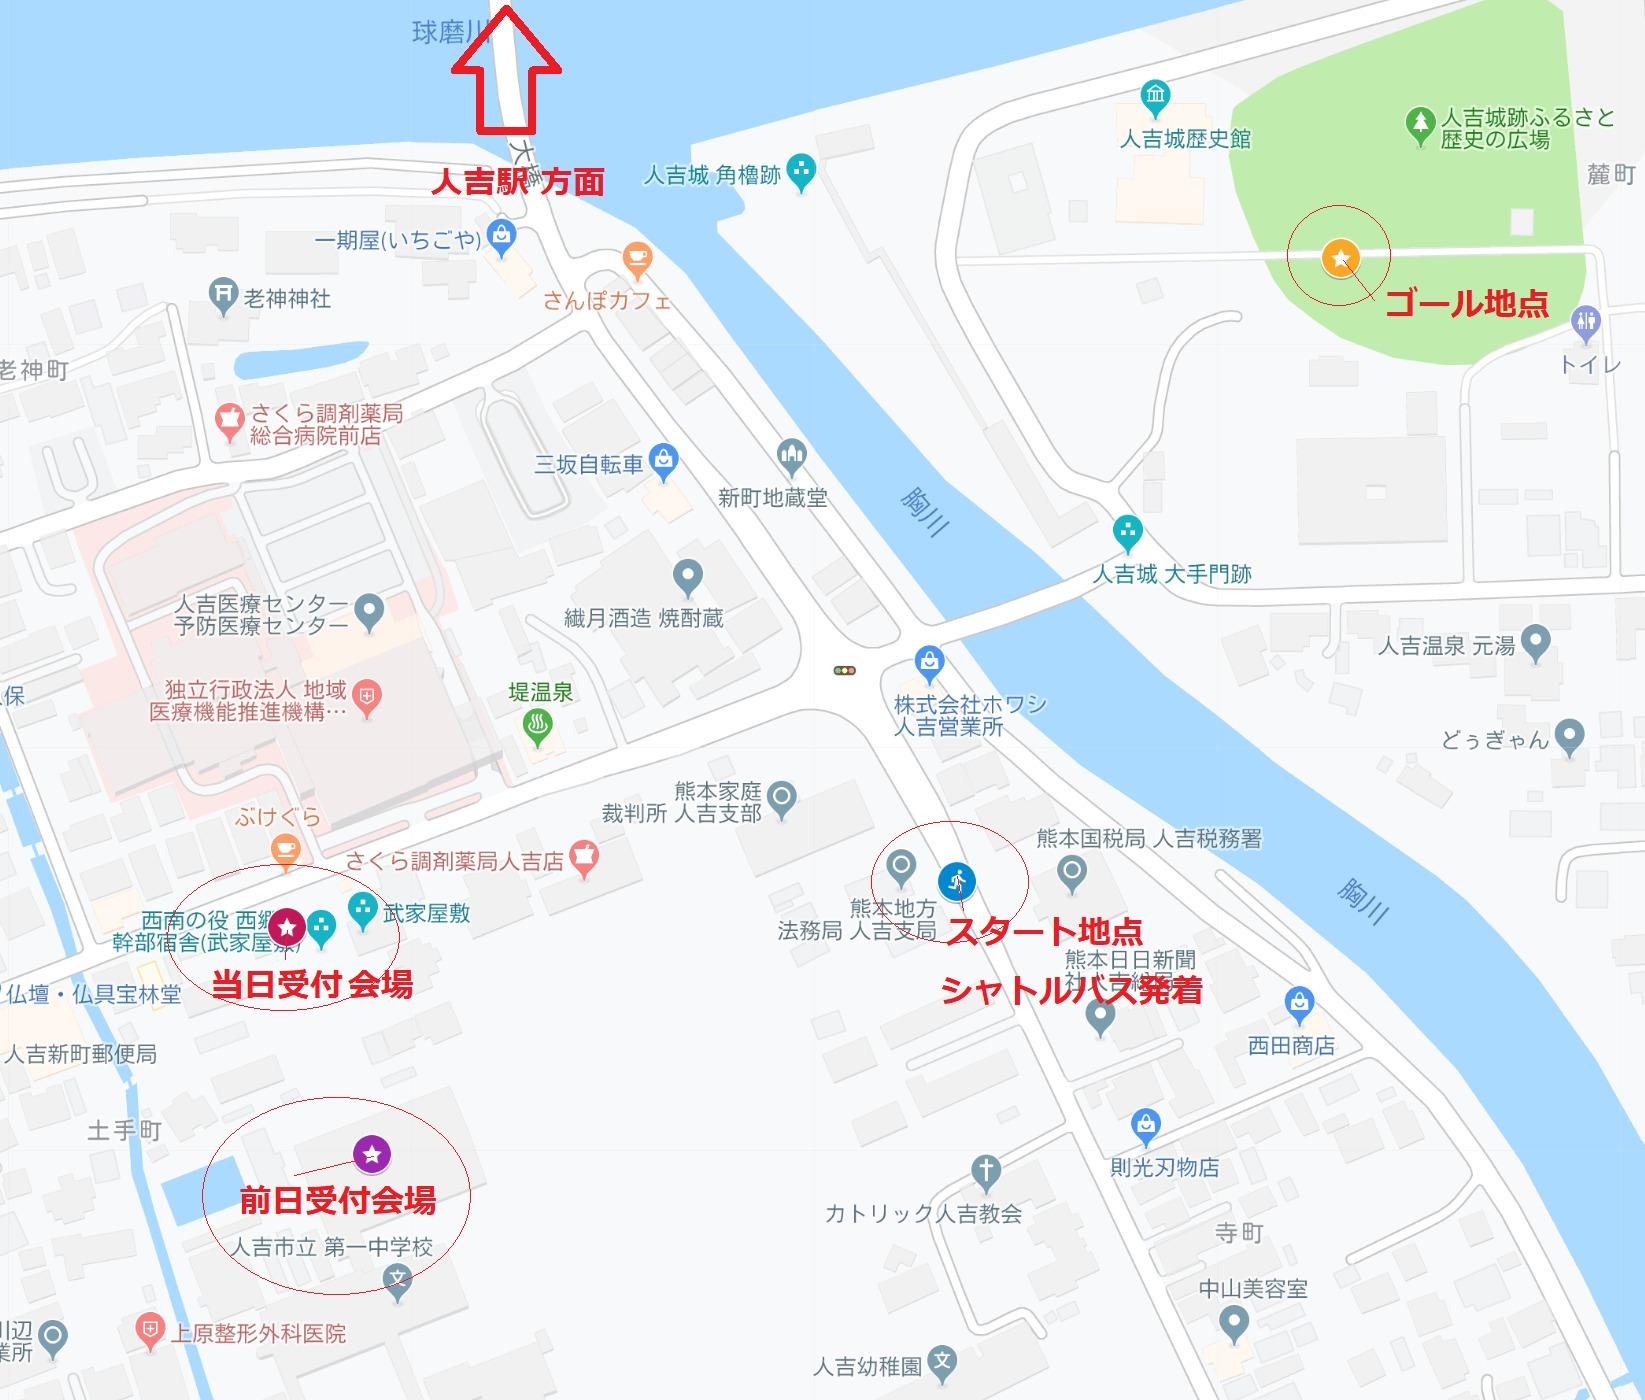 ひとよし温泉春風マラソン会場アクセスマップ